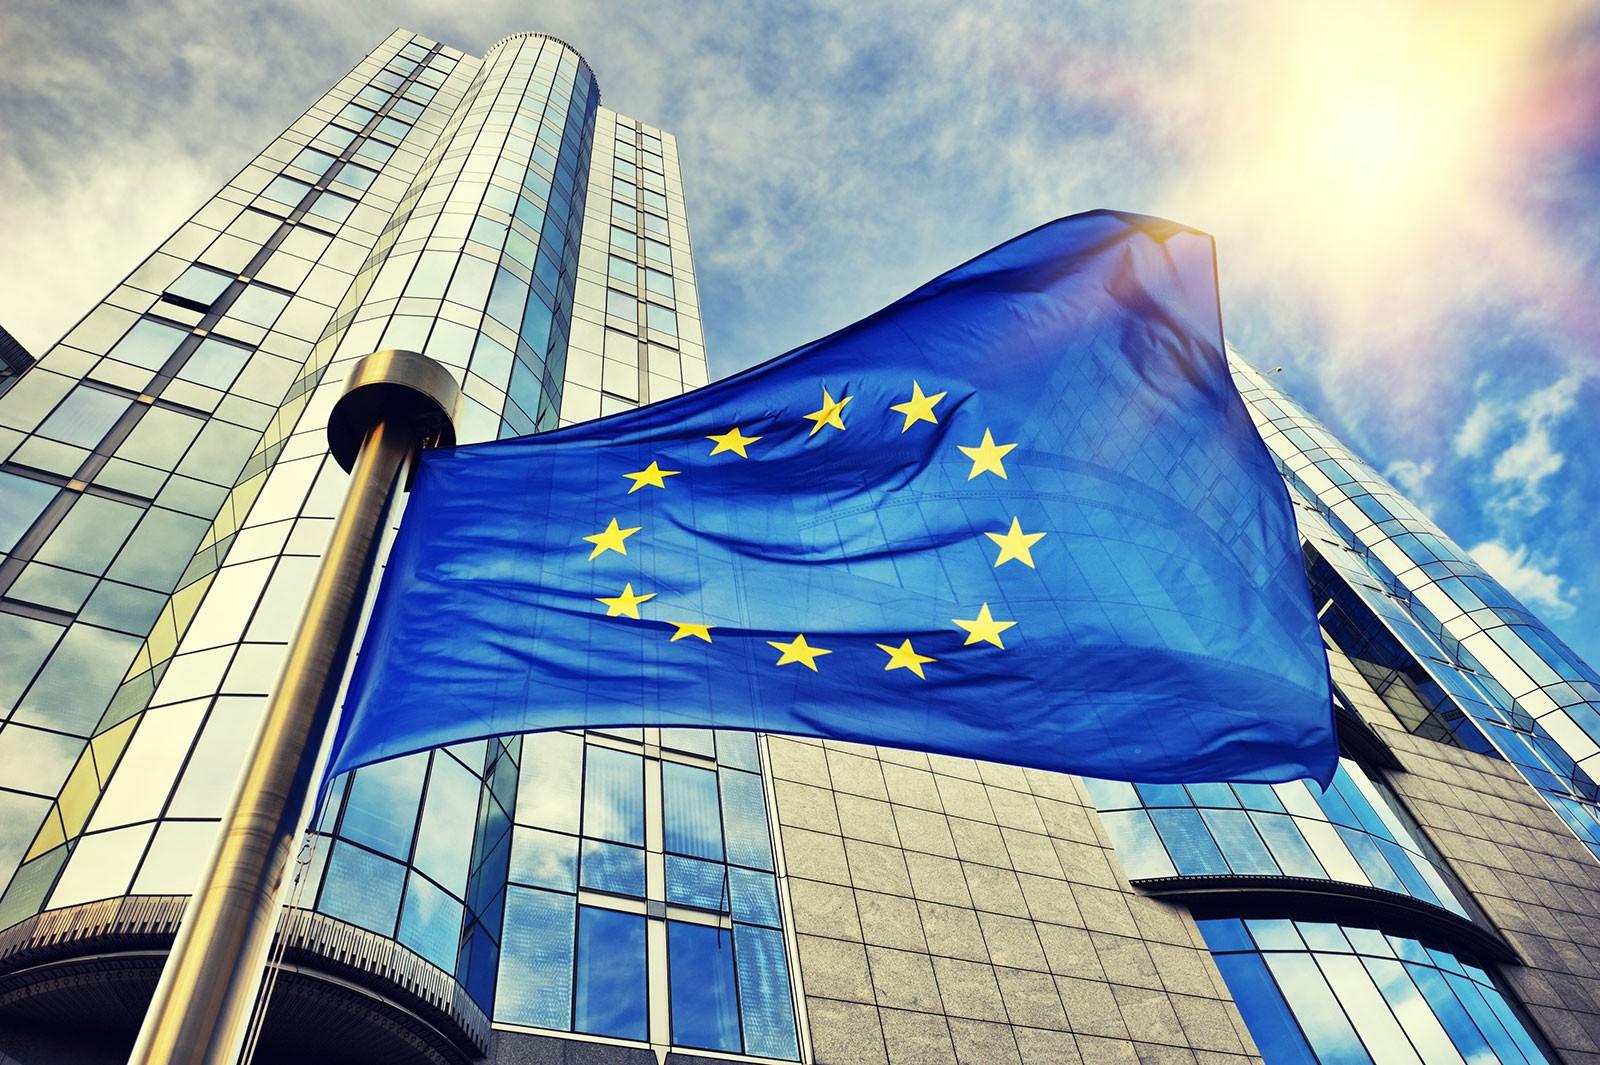 Heute übernimmt Deutschland den Vorsitz der EU-Ratspräsidentschaft.